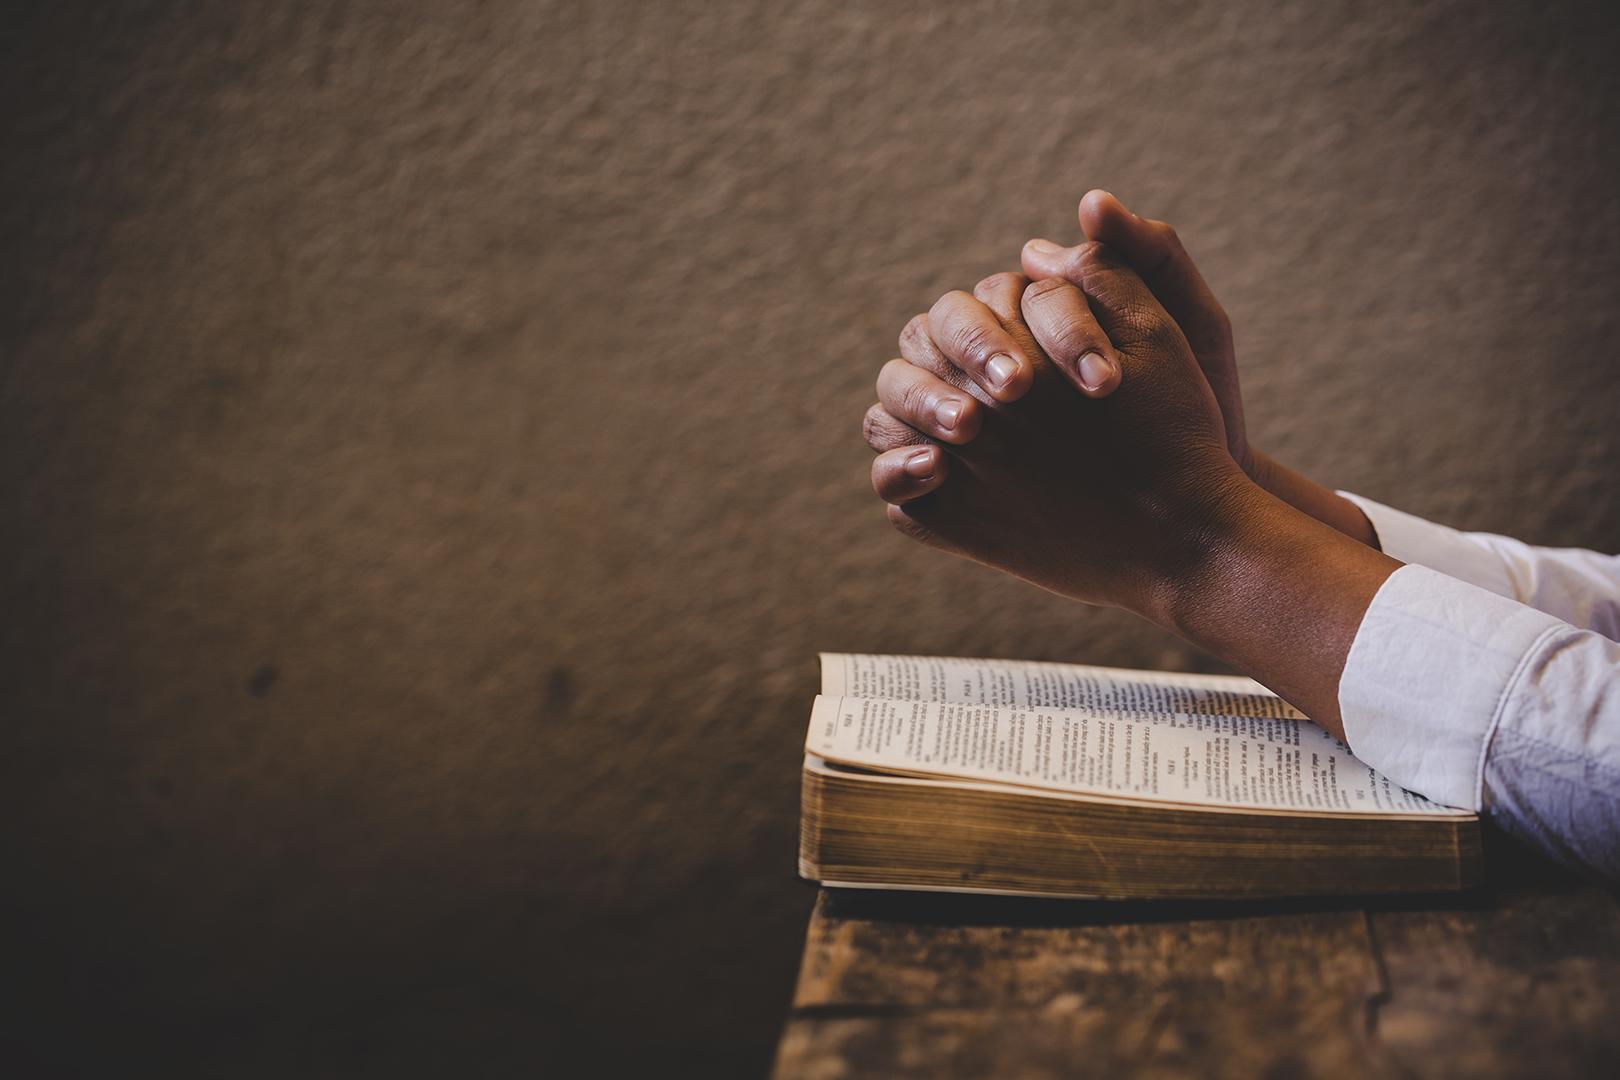 La Biblia contiene dos doctrinas principales2 min read